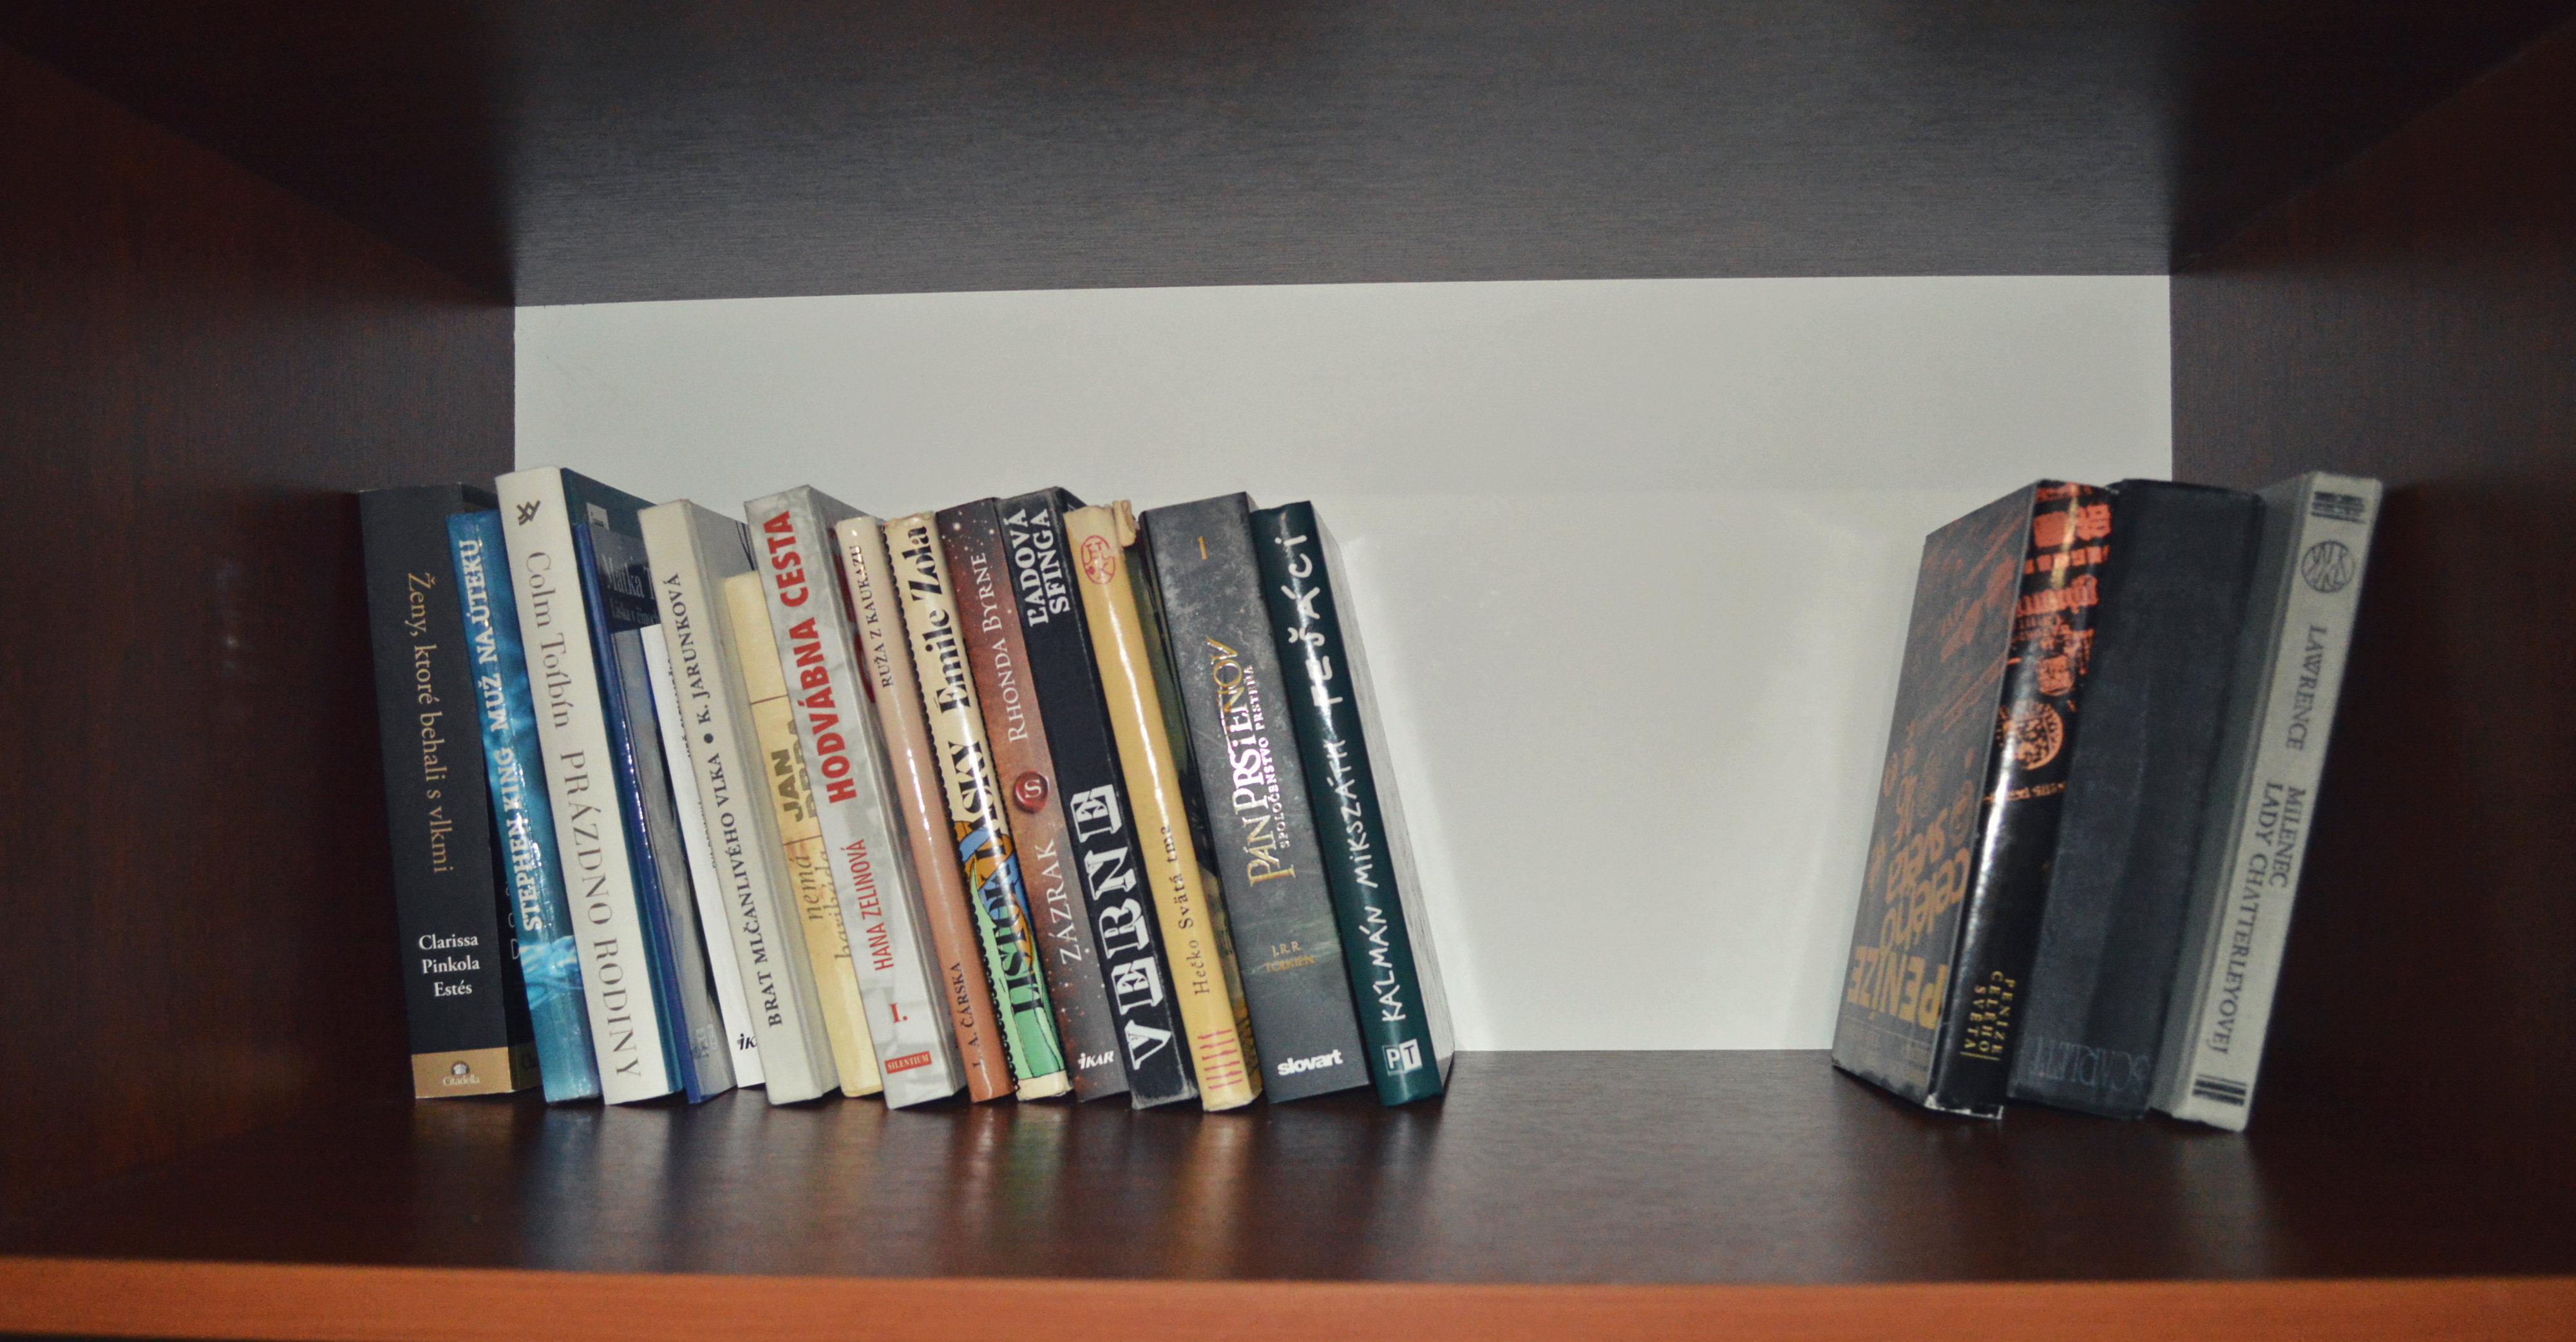 3b6c9029d Ako dopadla zbierka kníh pre nemocnicu Z - Kam v meste | moja Bystrica